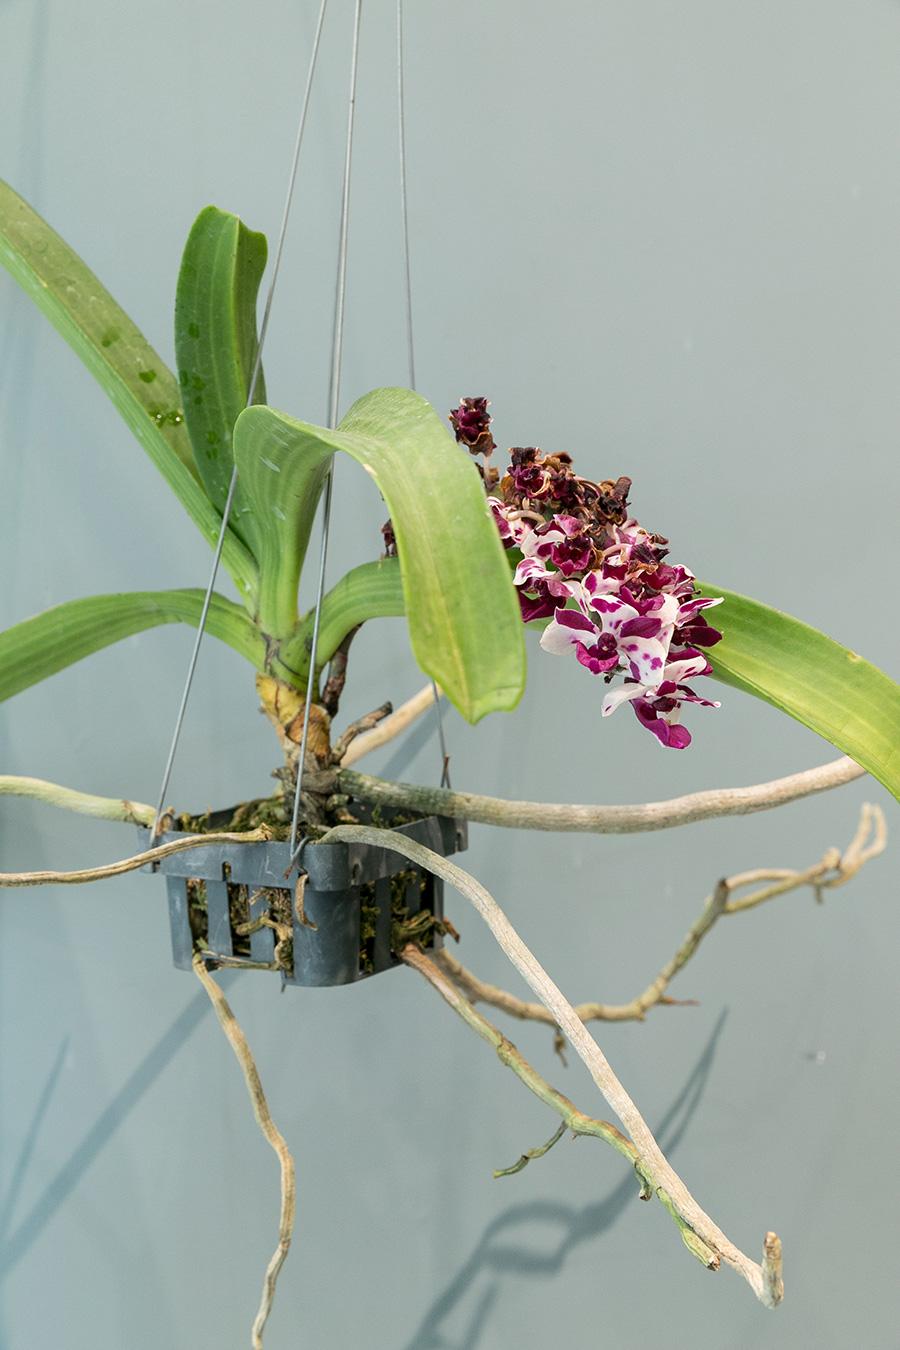 [Rhynchostylis Gigantea]リンコスティリスはバスケットに入れて吊って育てると調子がよいラン。株がずっしりとしていて見ごたえがある。穂が伸びてたくさんの花をつける。